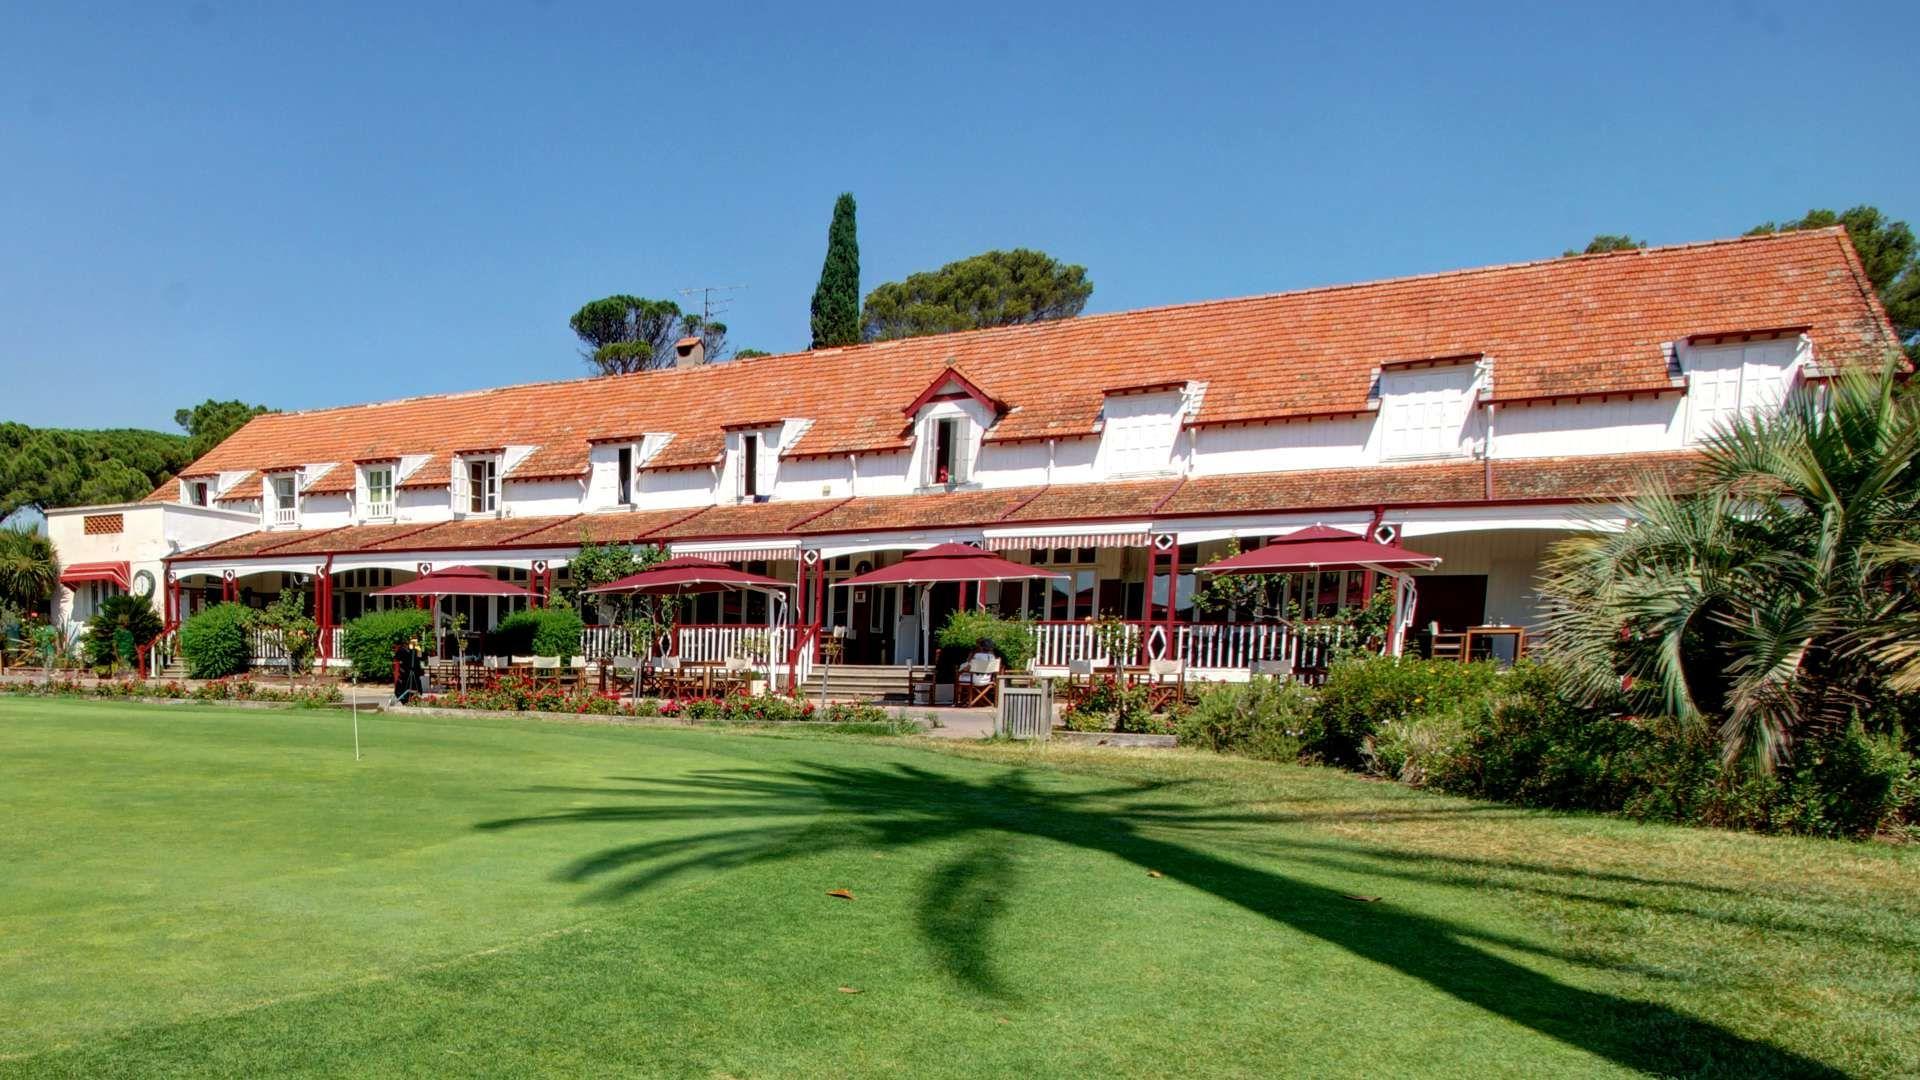 Forfait Chambre Petit Dejeuner Pour 2 1 Nuit Sejour Pour 2 Personnes Propose Par Najeti Golf Hotel De Valescure A Saint Ra Outdoor Decor Outdoor Home Decor